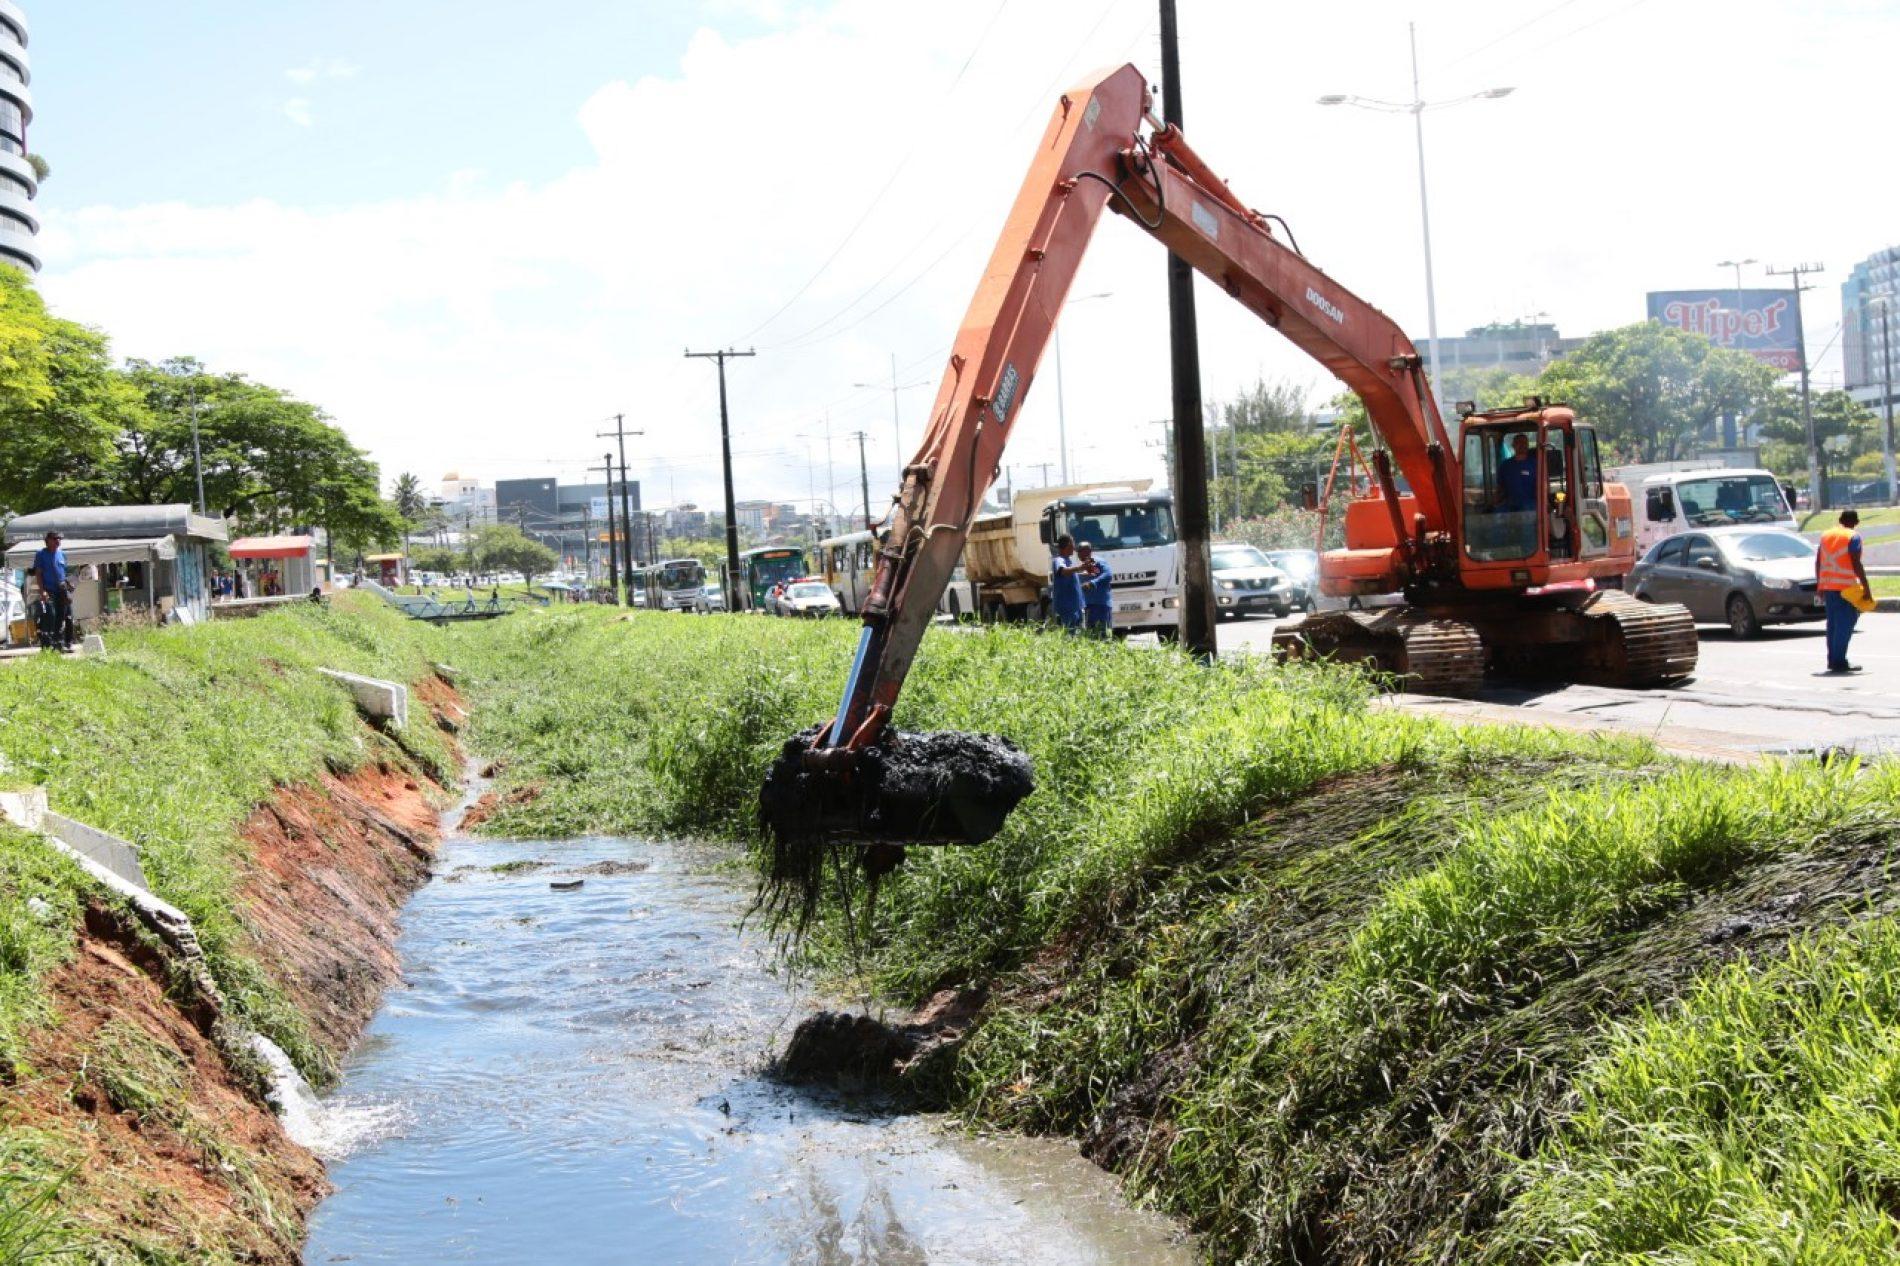 Operação retira oito mil metros cúbicos de resíduos em canal na Av. ACM